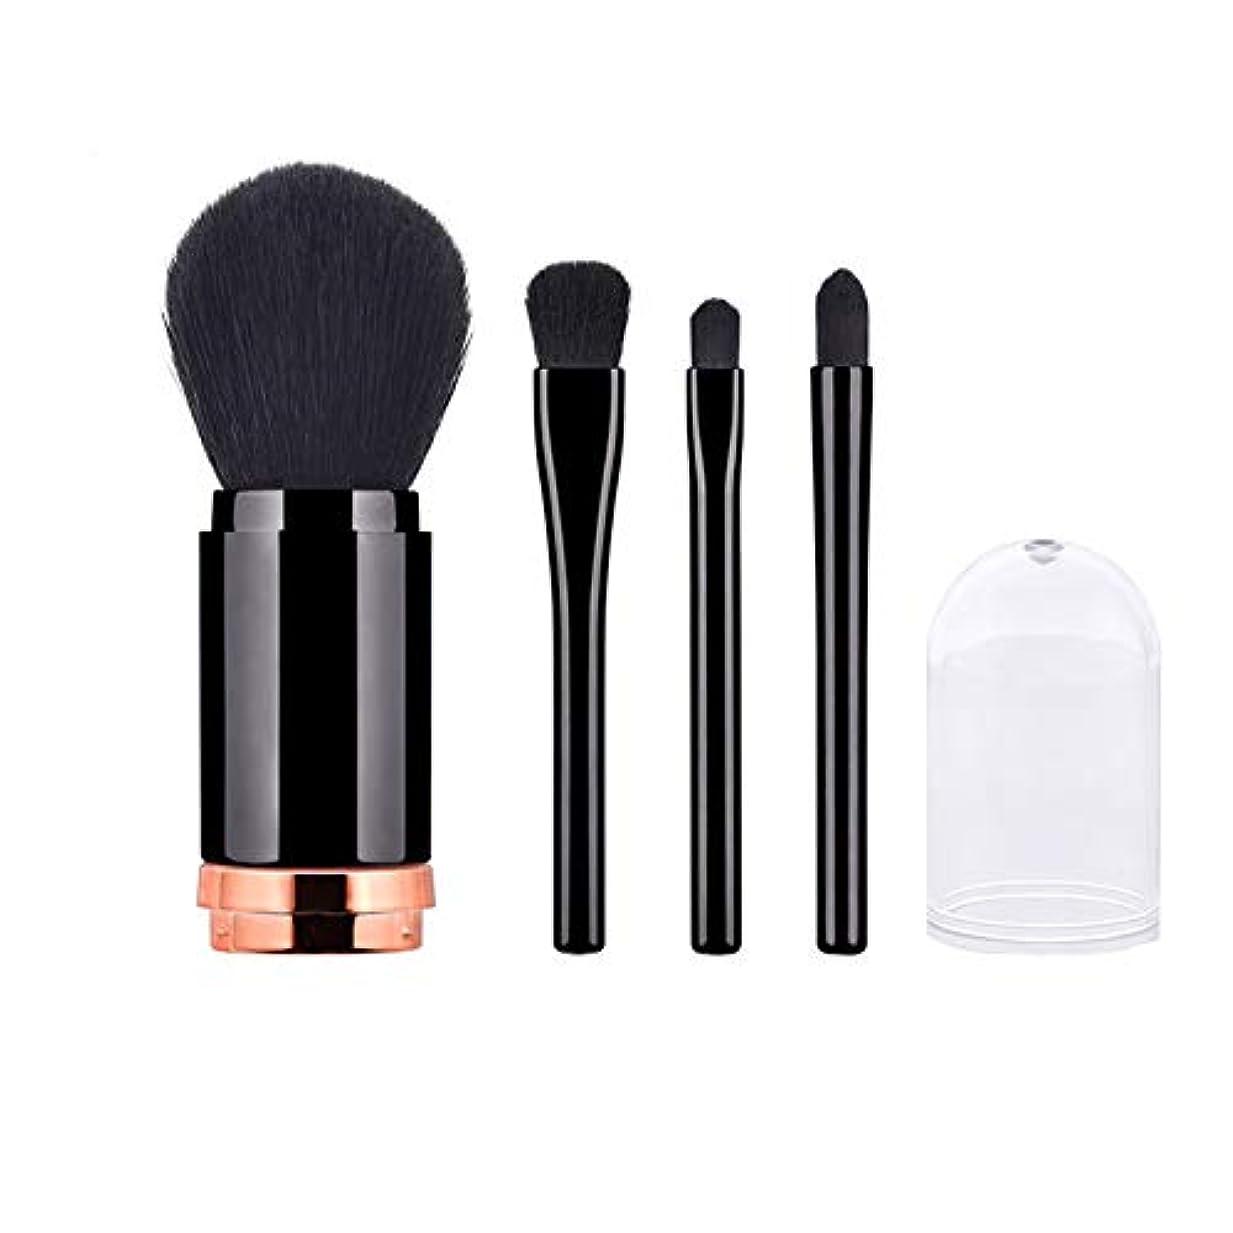 1女性に付き4引き込み式の柔らかい基礎粉の構造のブラシ化粧品用具 - 黒